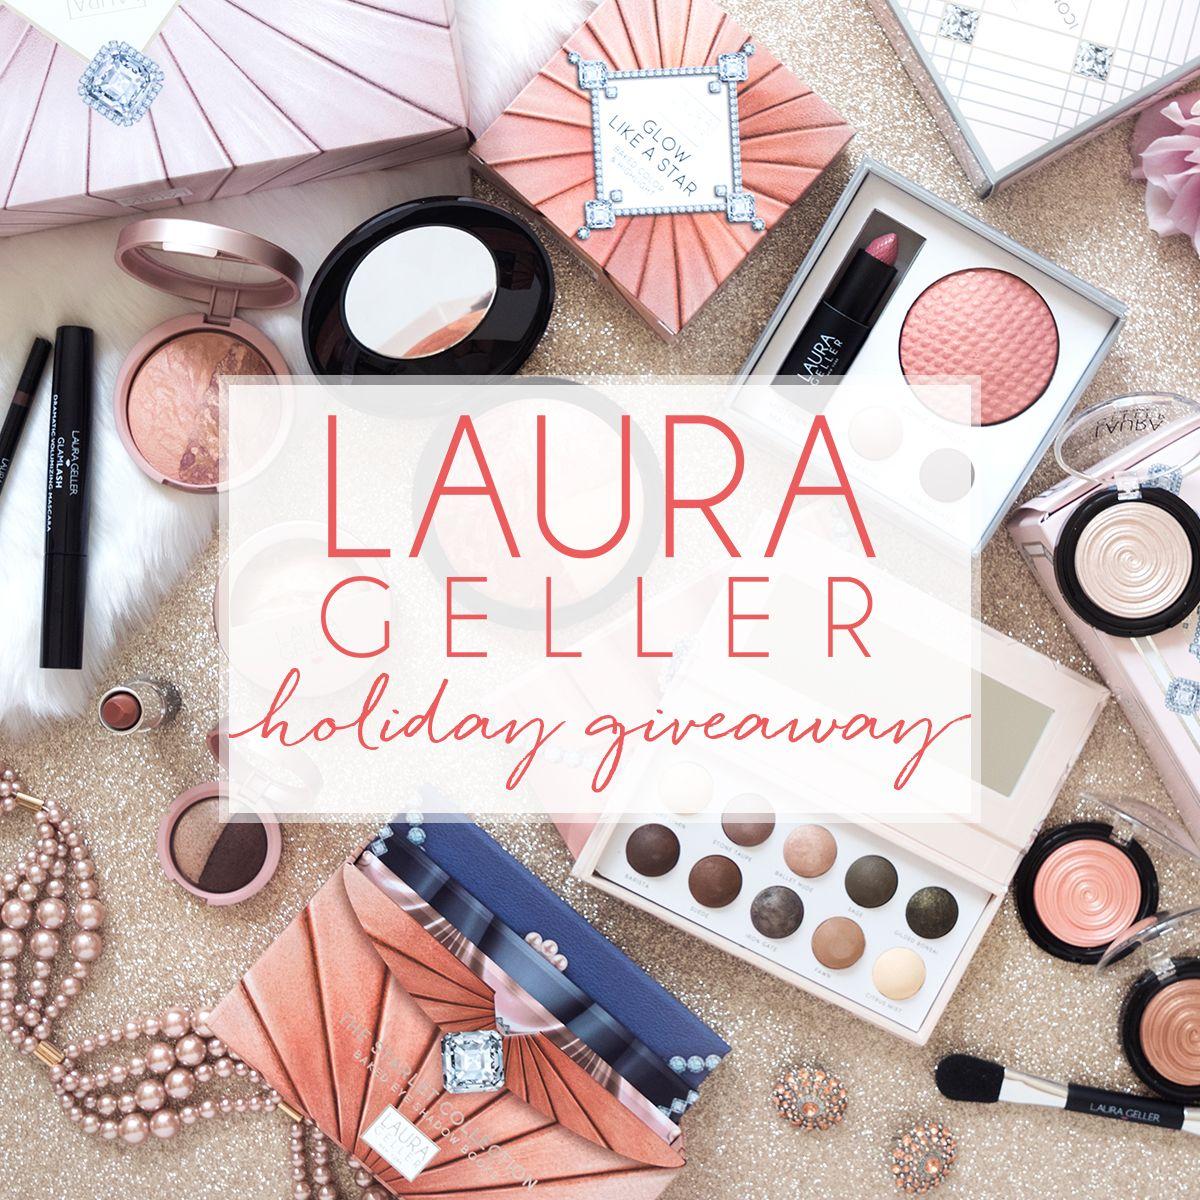 FB_LauraGellerHolidayGiveaway1.jpg